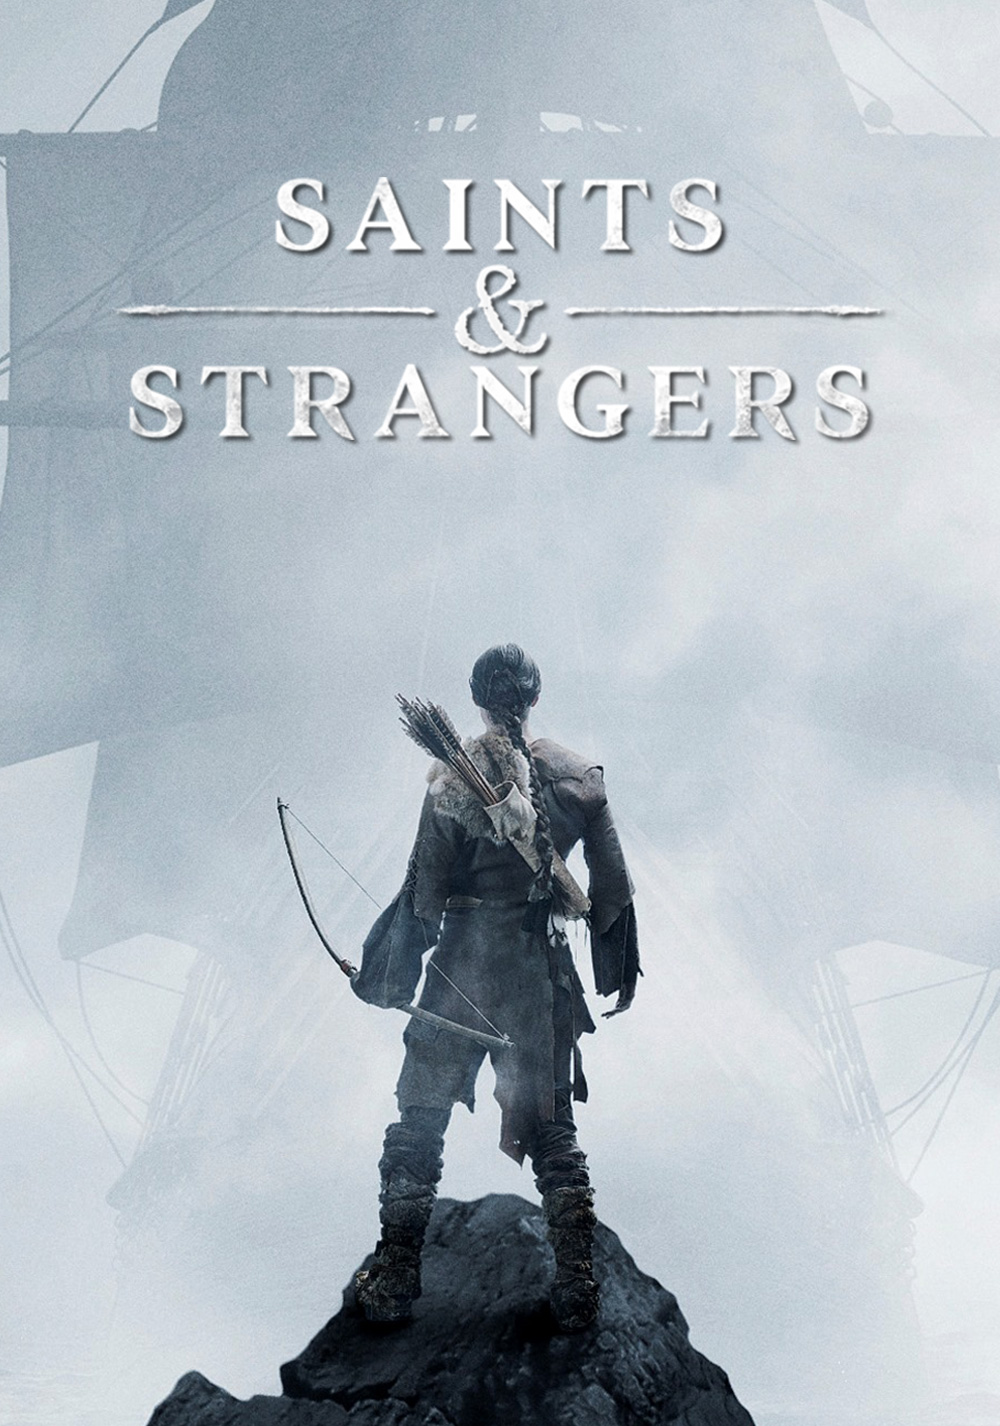 saints--strangers-5ace4afecffcf.jpg